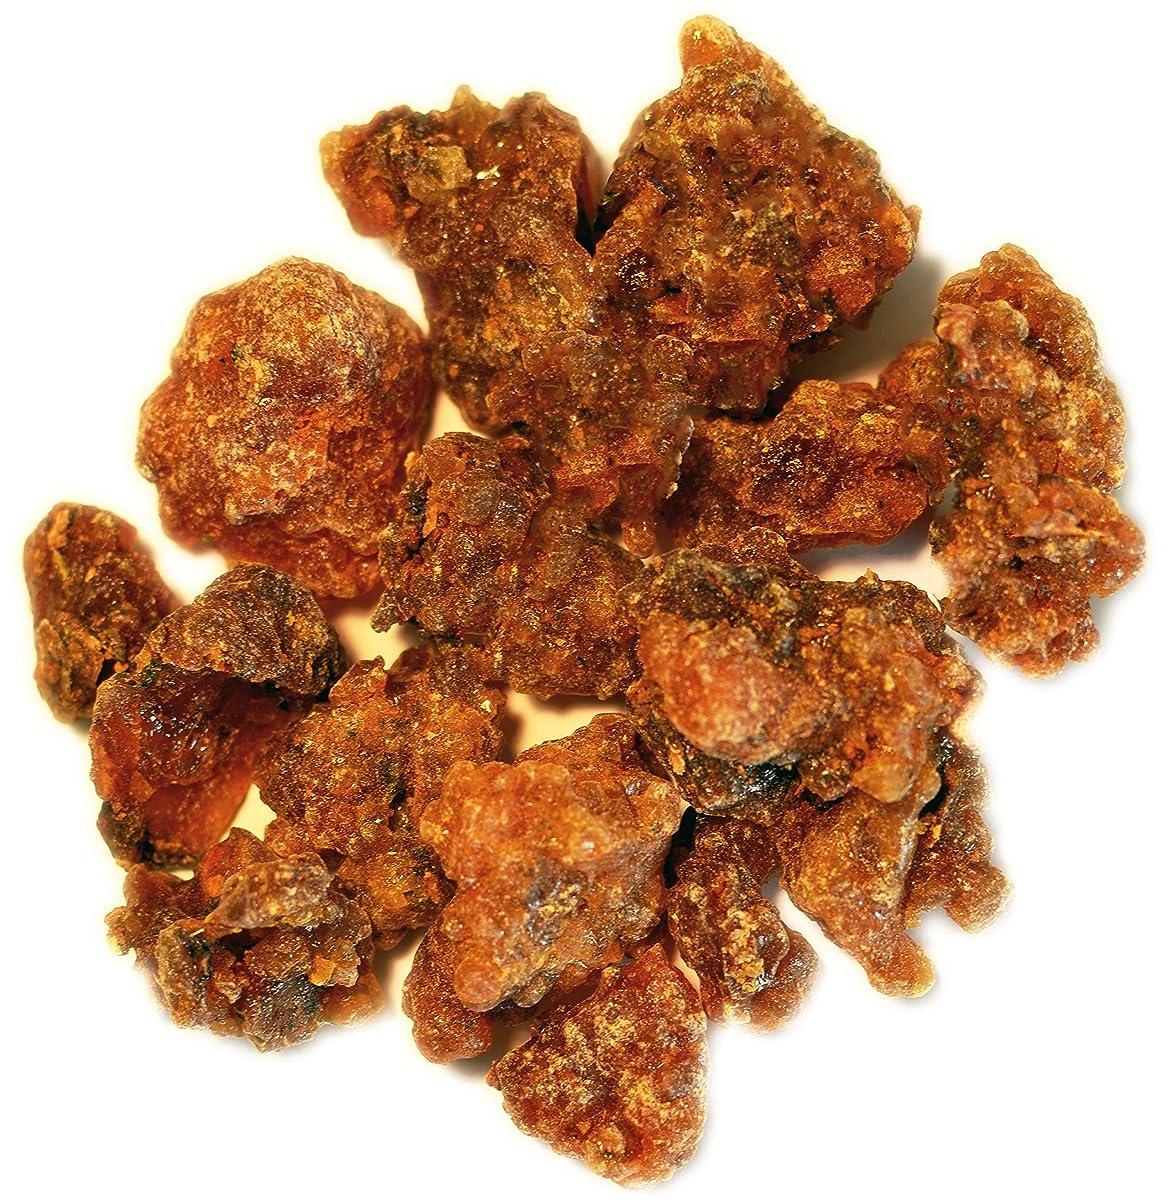 蒸留する政治家高音Myrrh Resin - Organic - 0.2kg - by EarthWise Aromatics